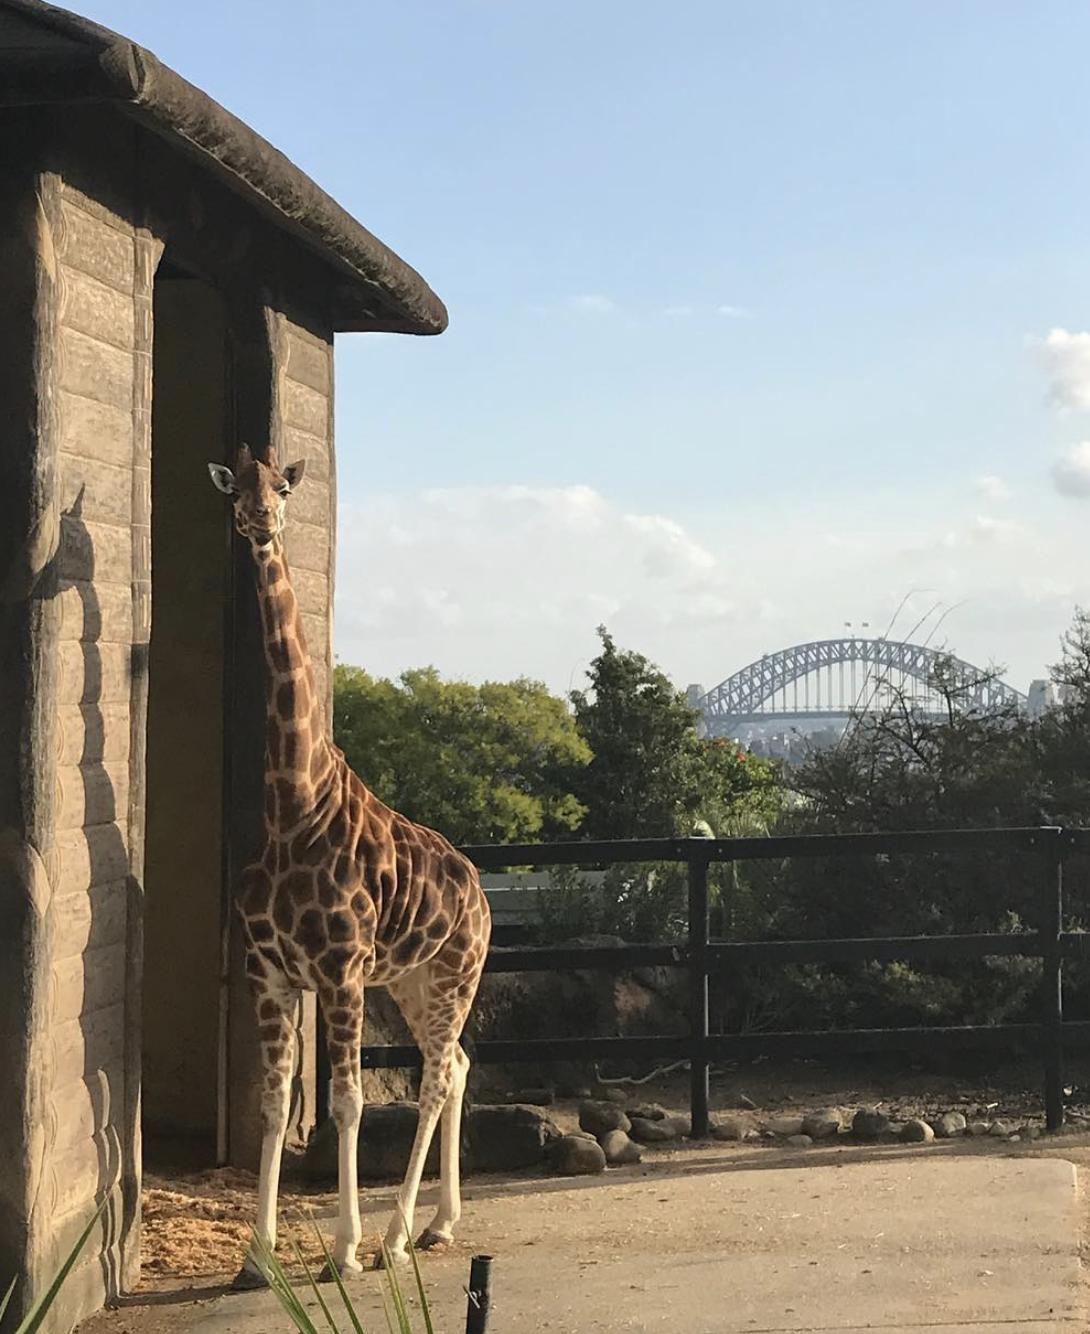 Zarafa, one of Taronga Zoo's resident giraffes